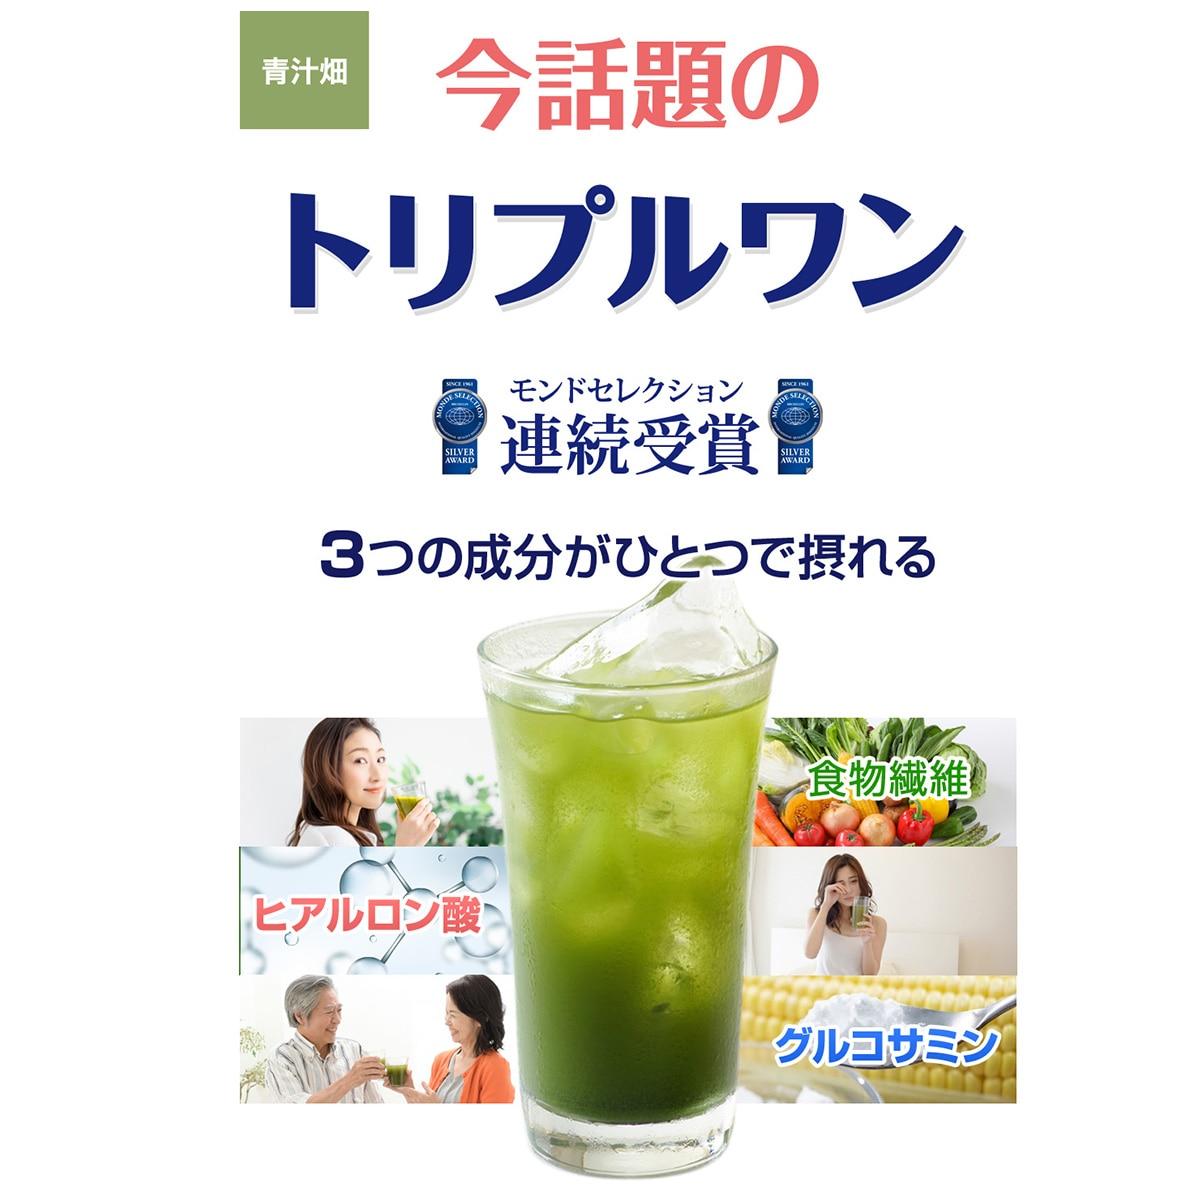 進風 青汁畑4箱(120包) TW4010263640